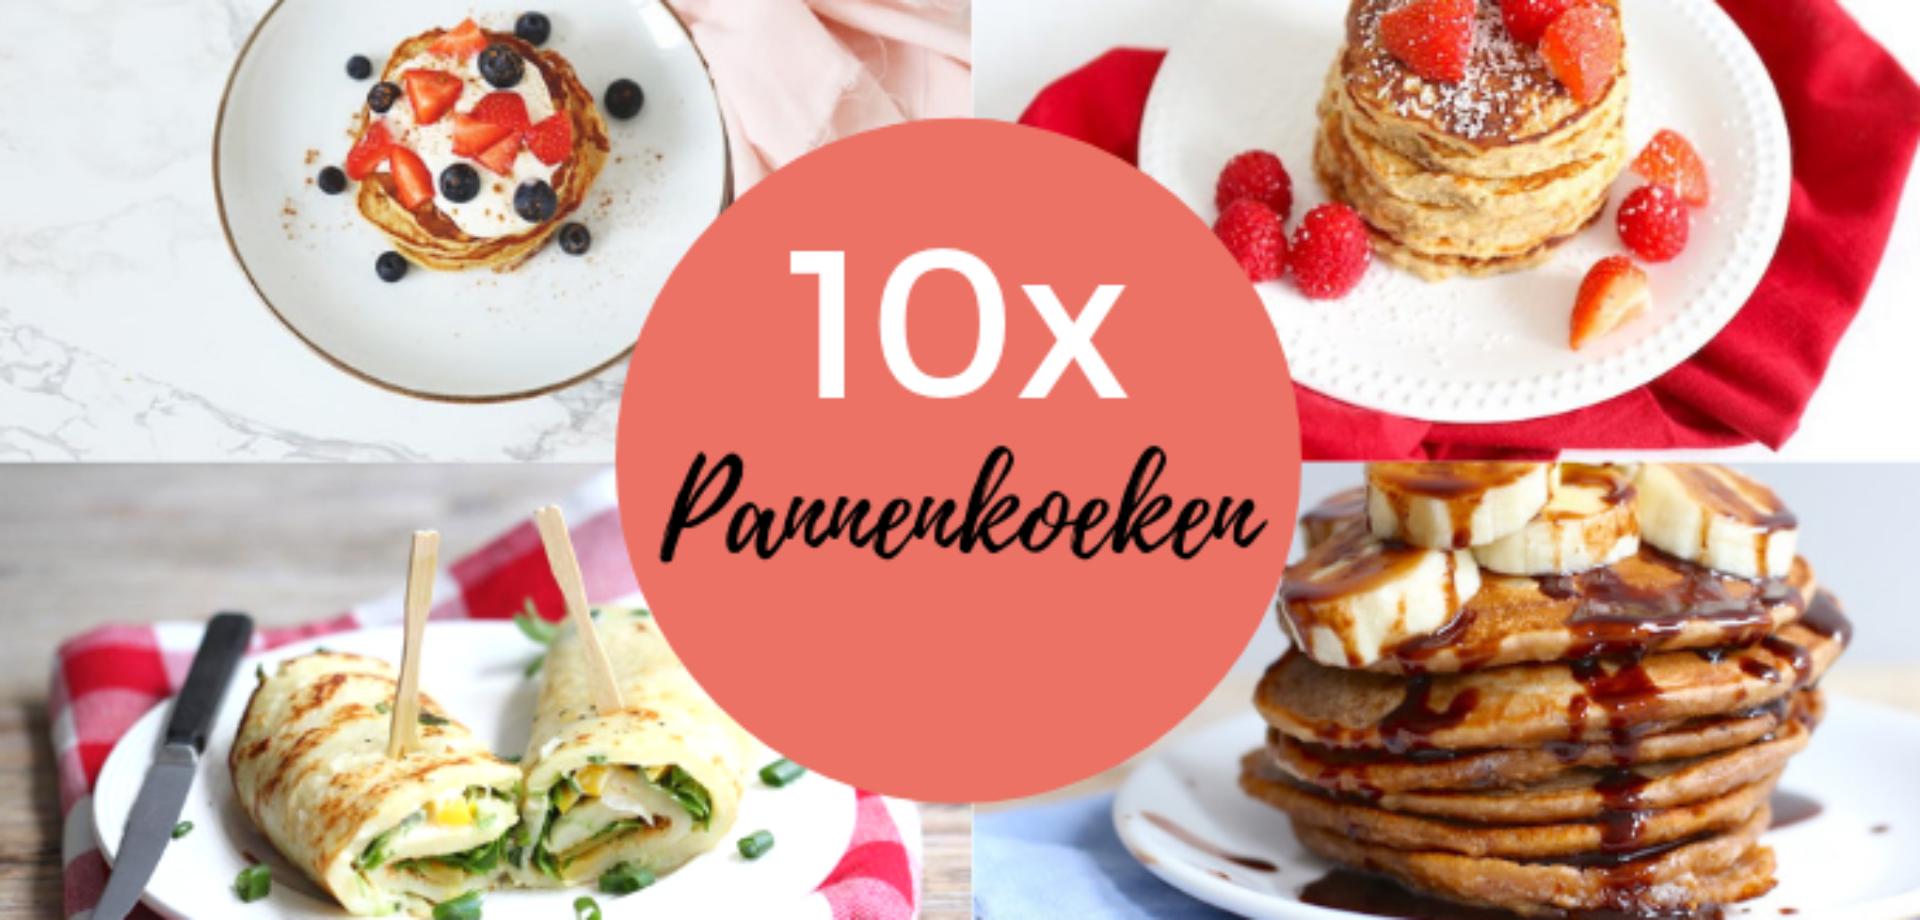 10x pannenkoeken recepten